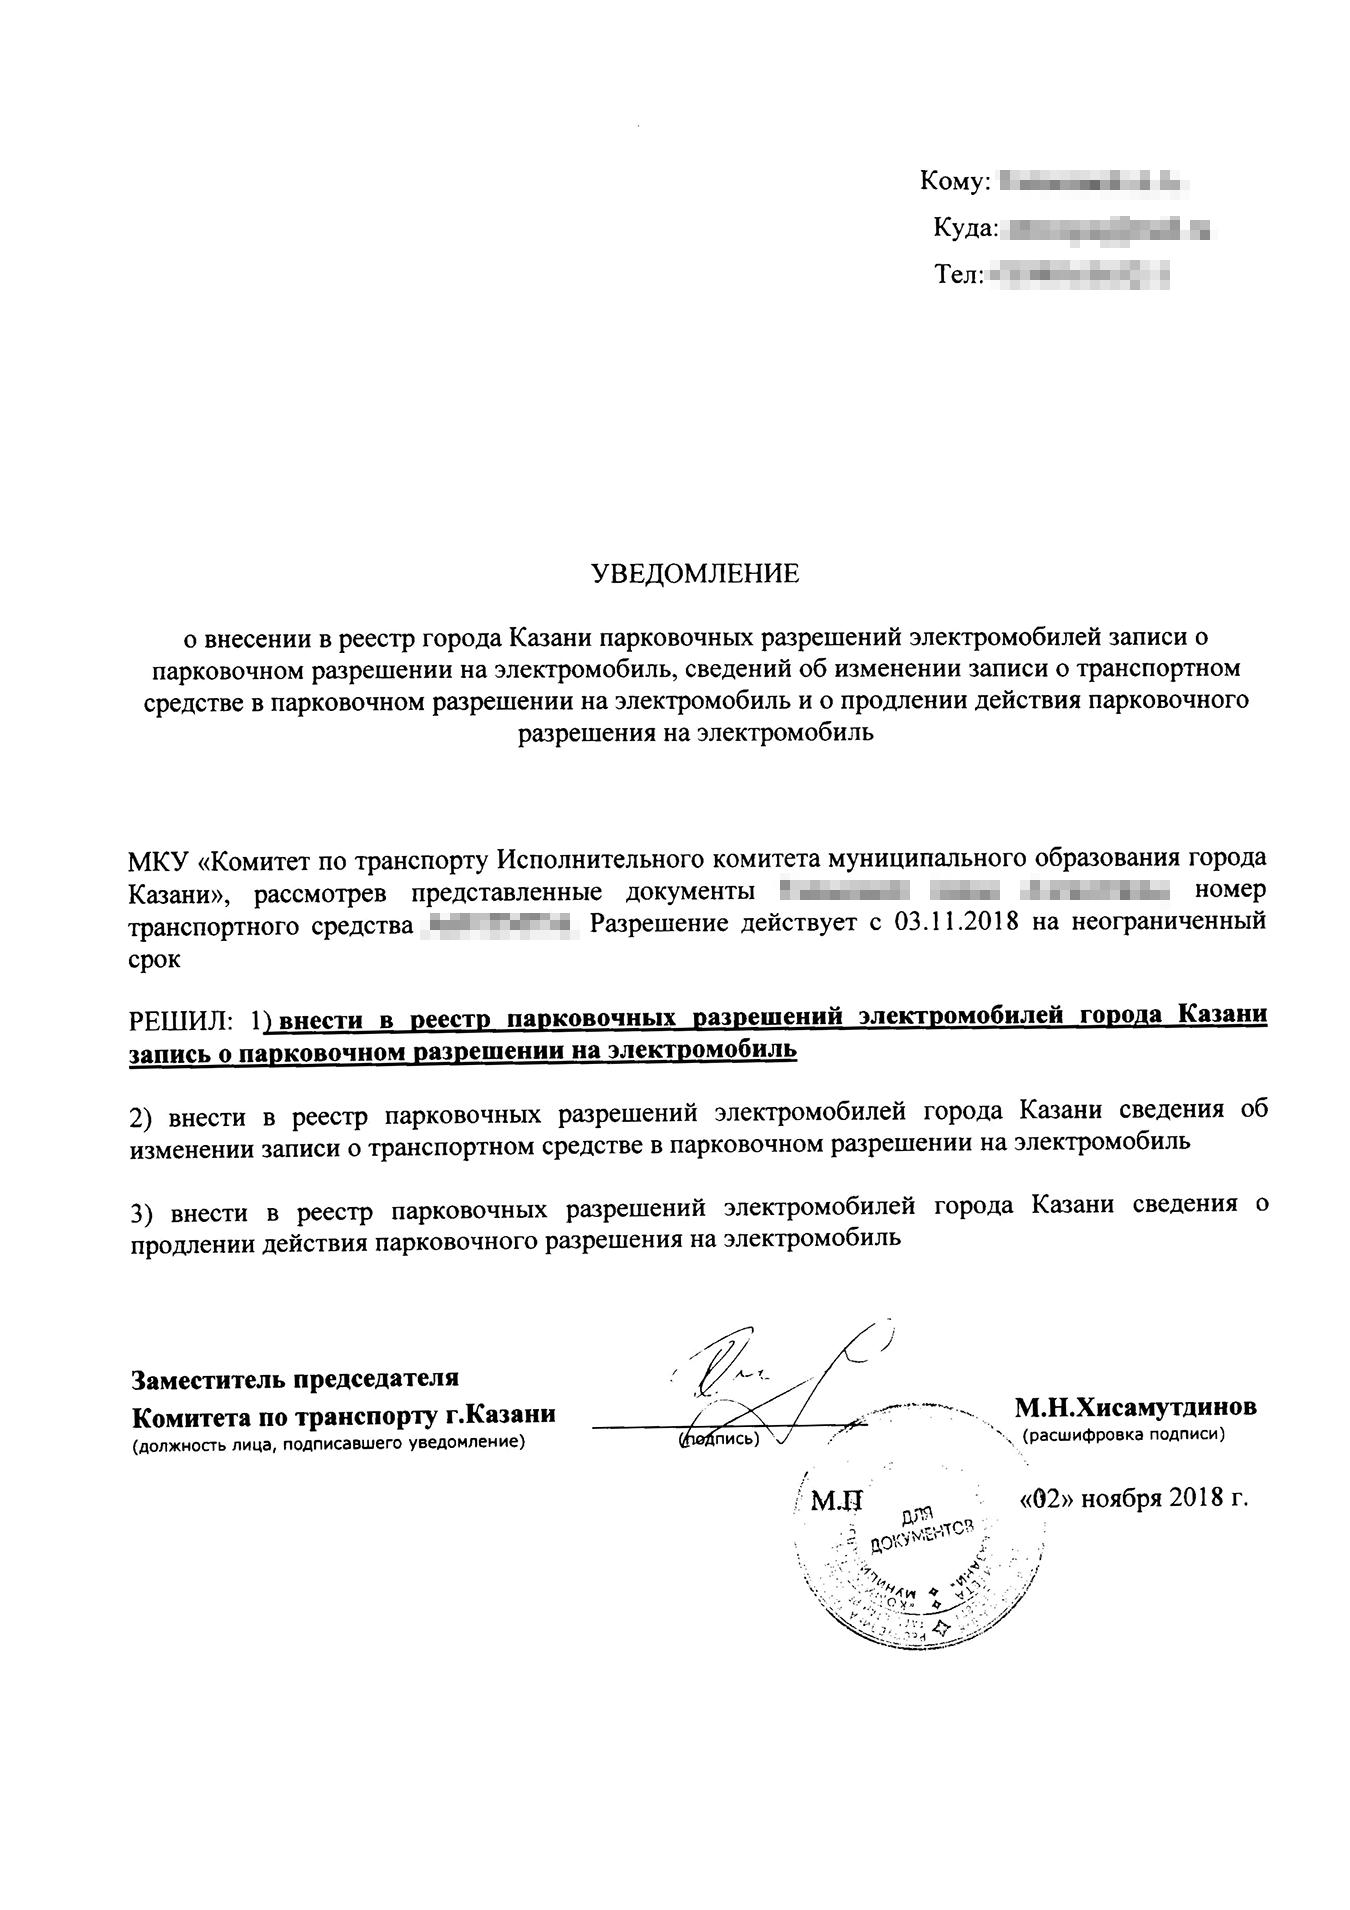 Уведомление о внесении в реестр парковочных разрешений города Казани